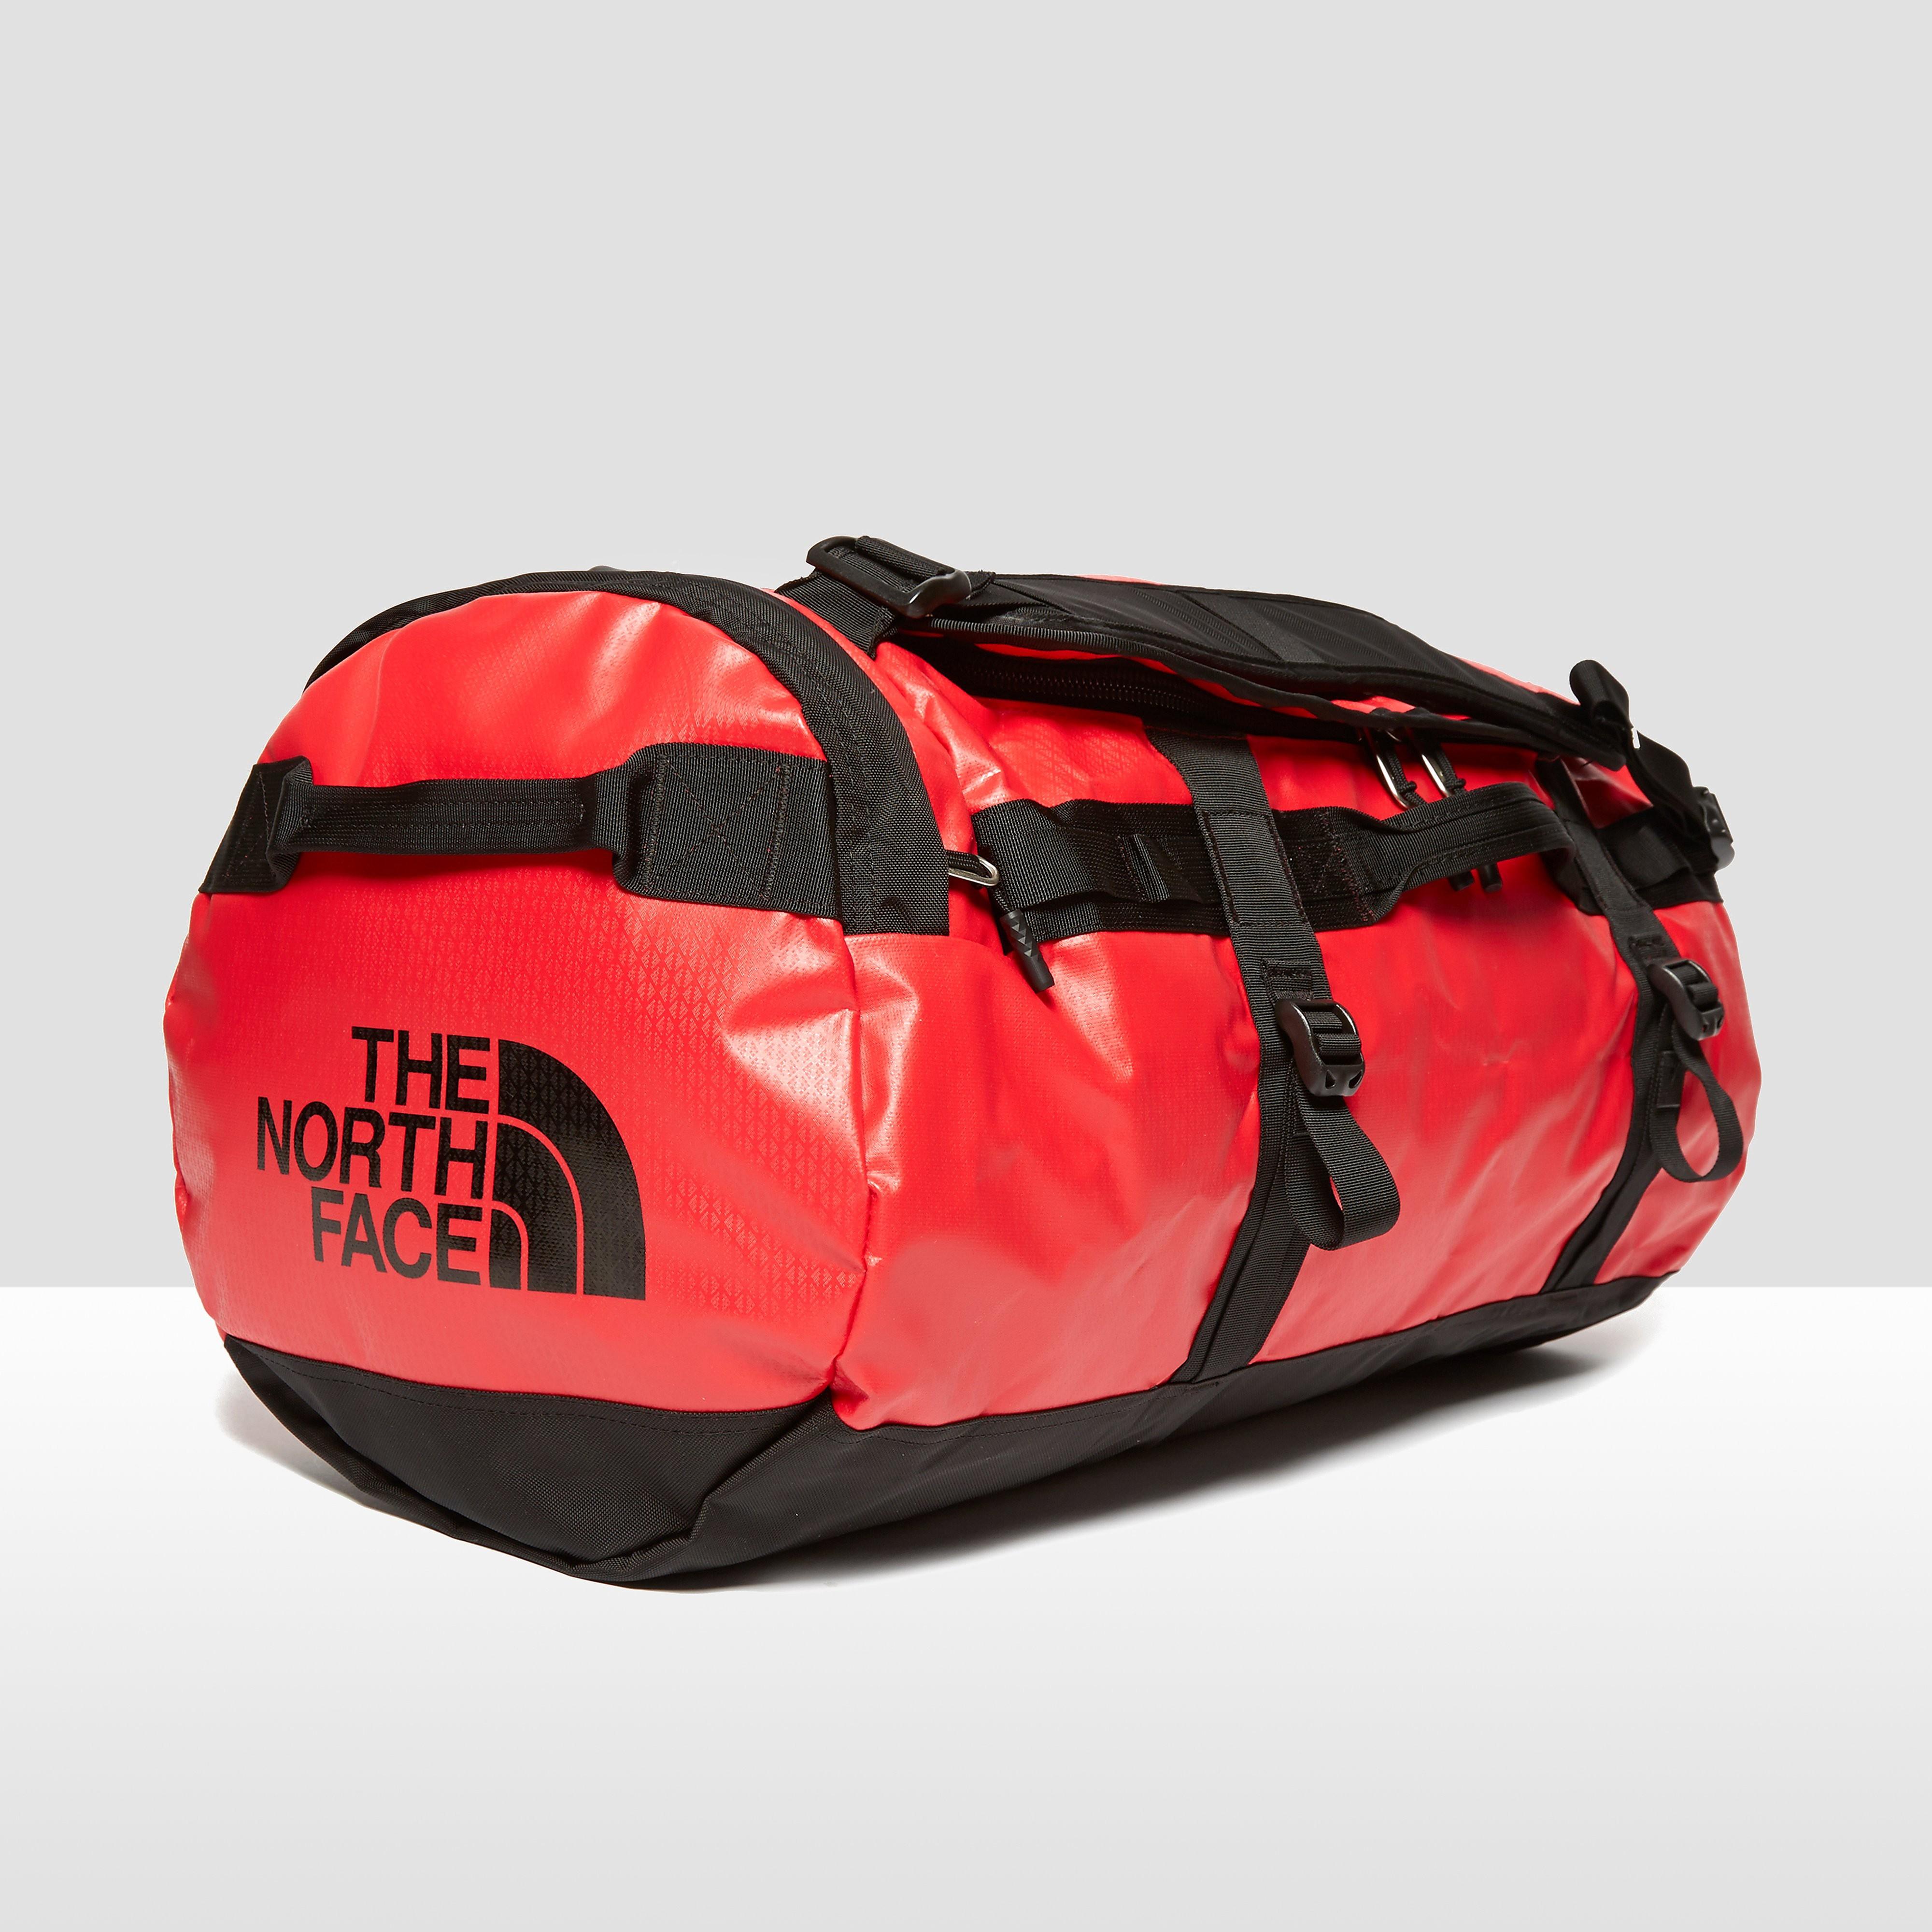 The North Face Medium Duffel Bag